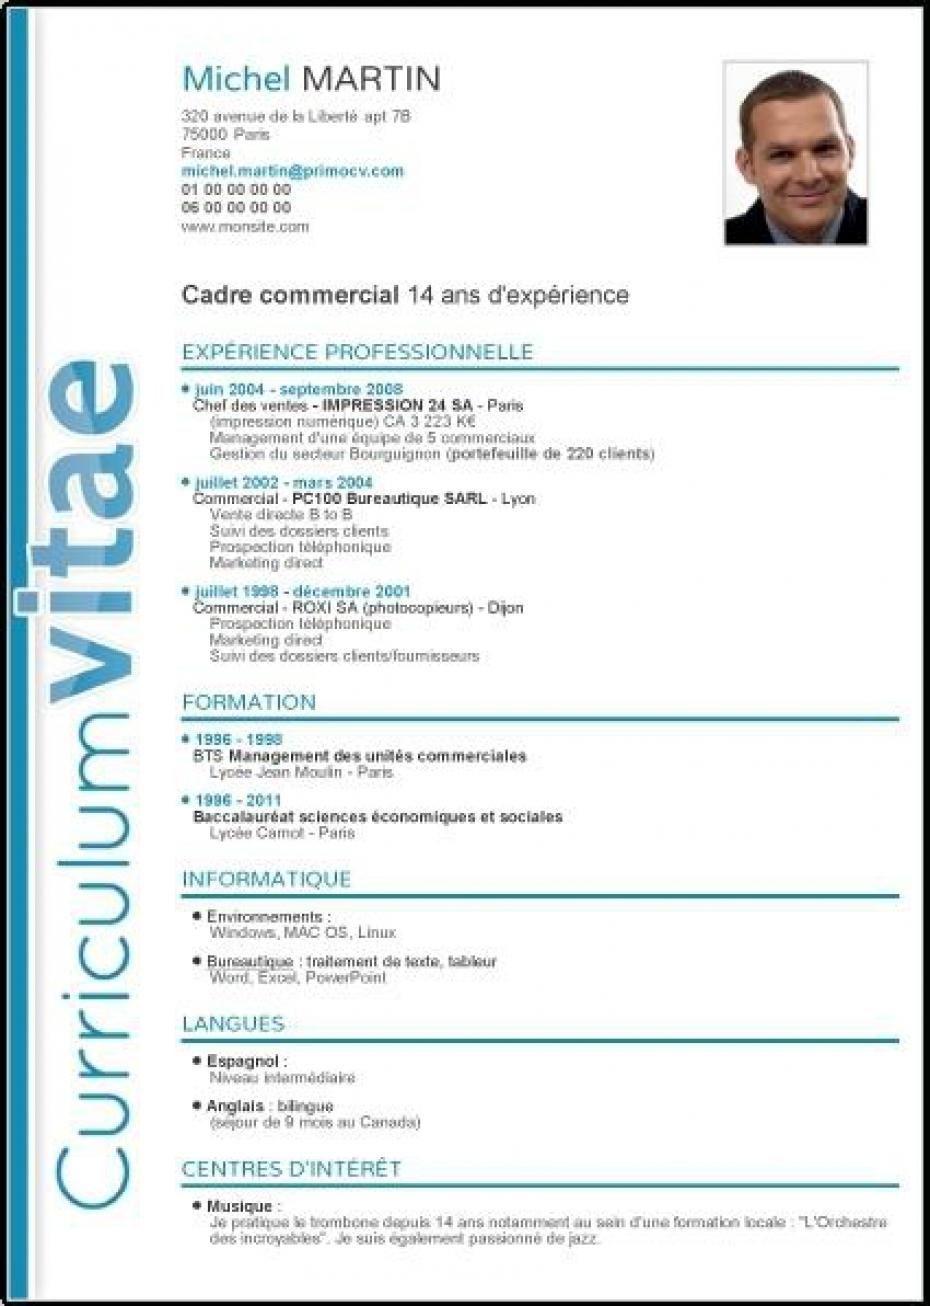 Curriculum Vitae Para Sport 78 Modelo De Curriculum Vitae Modelos De Curriculo Curriculum Vitae Baixar Modelo De Curriculo